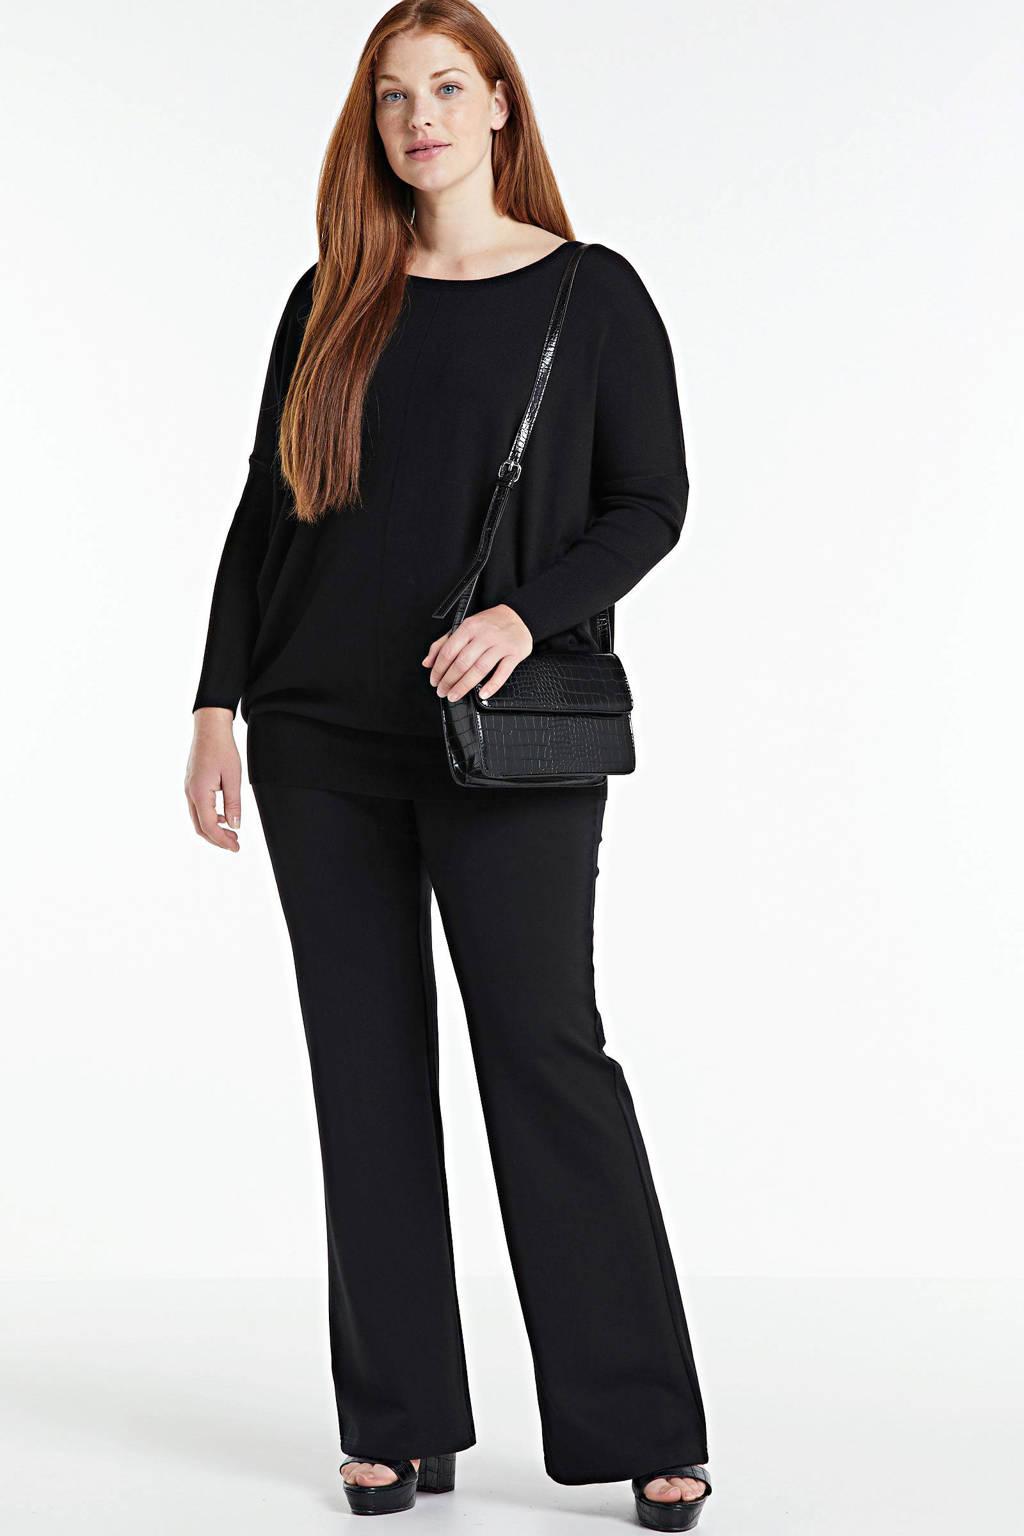 Zizzi fijngebreide trui Carrie zwart, Zwart